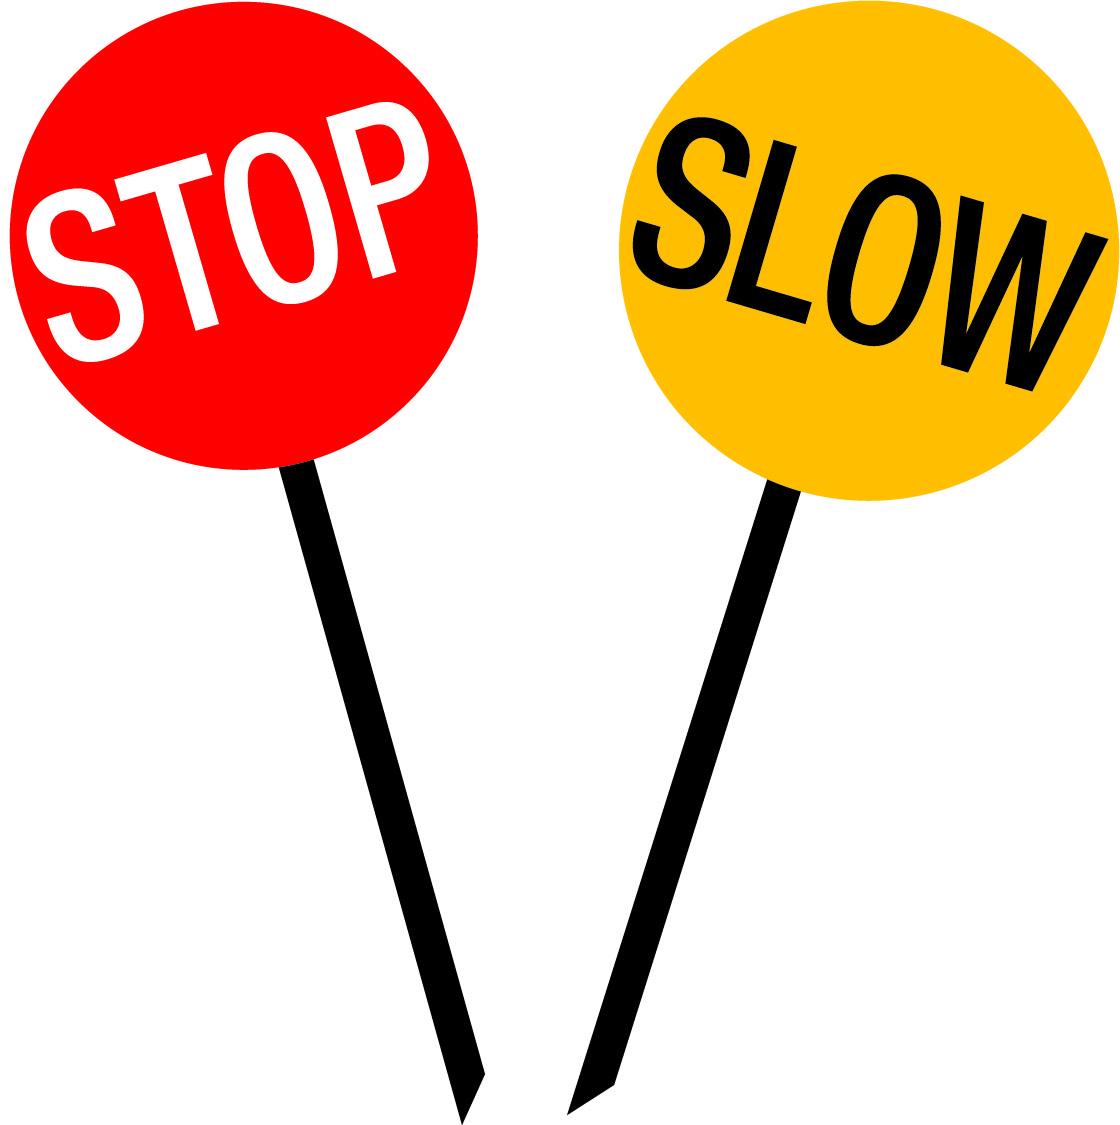 Stop Slow